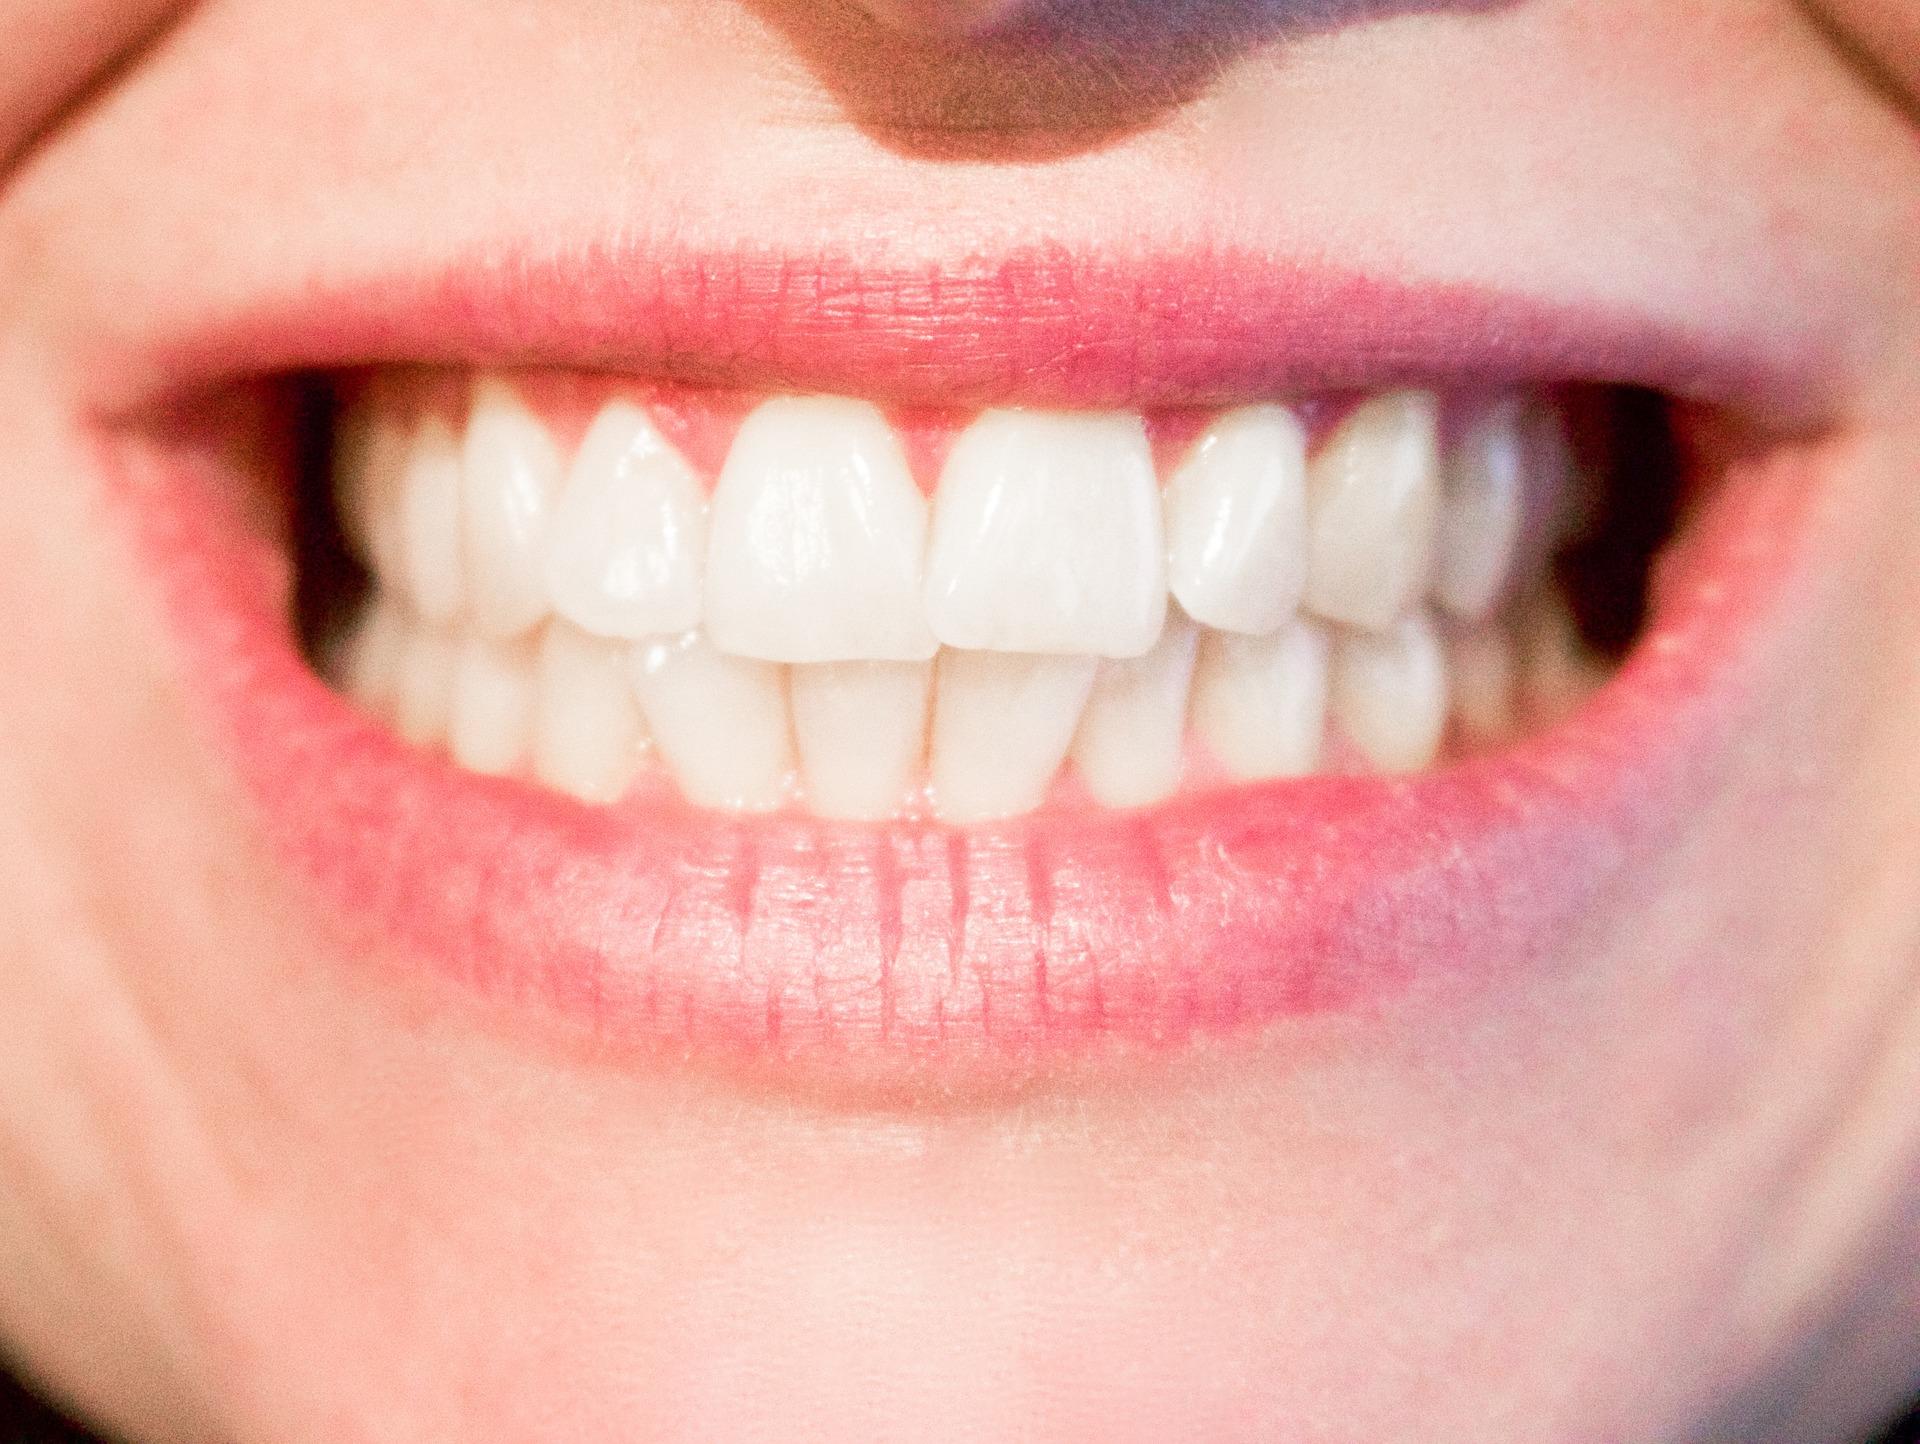 Teeth 1652976 1920